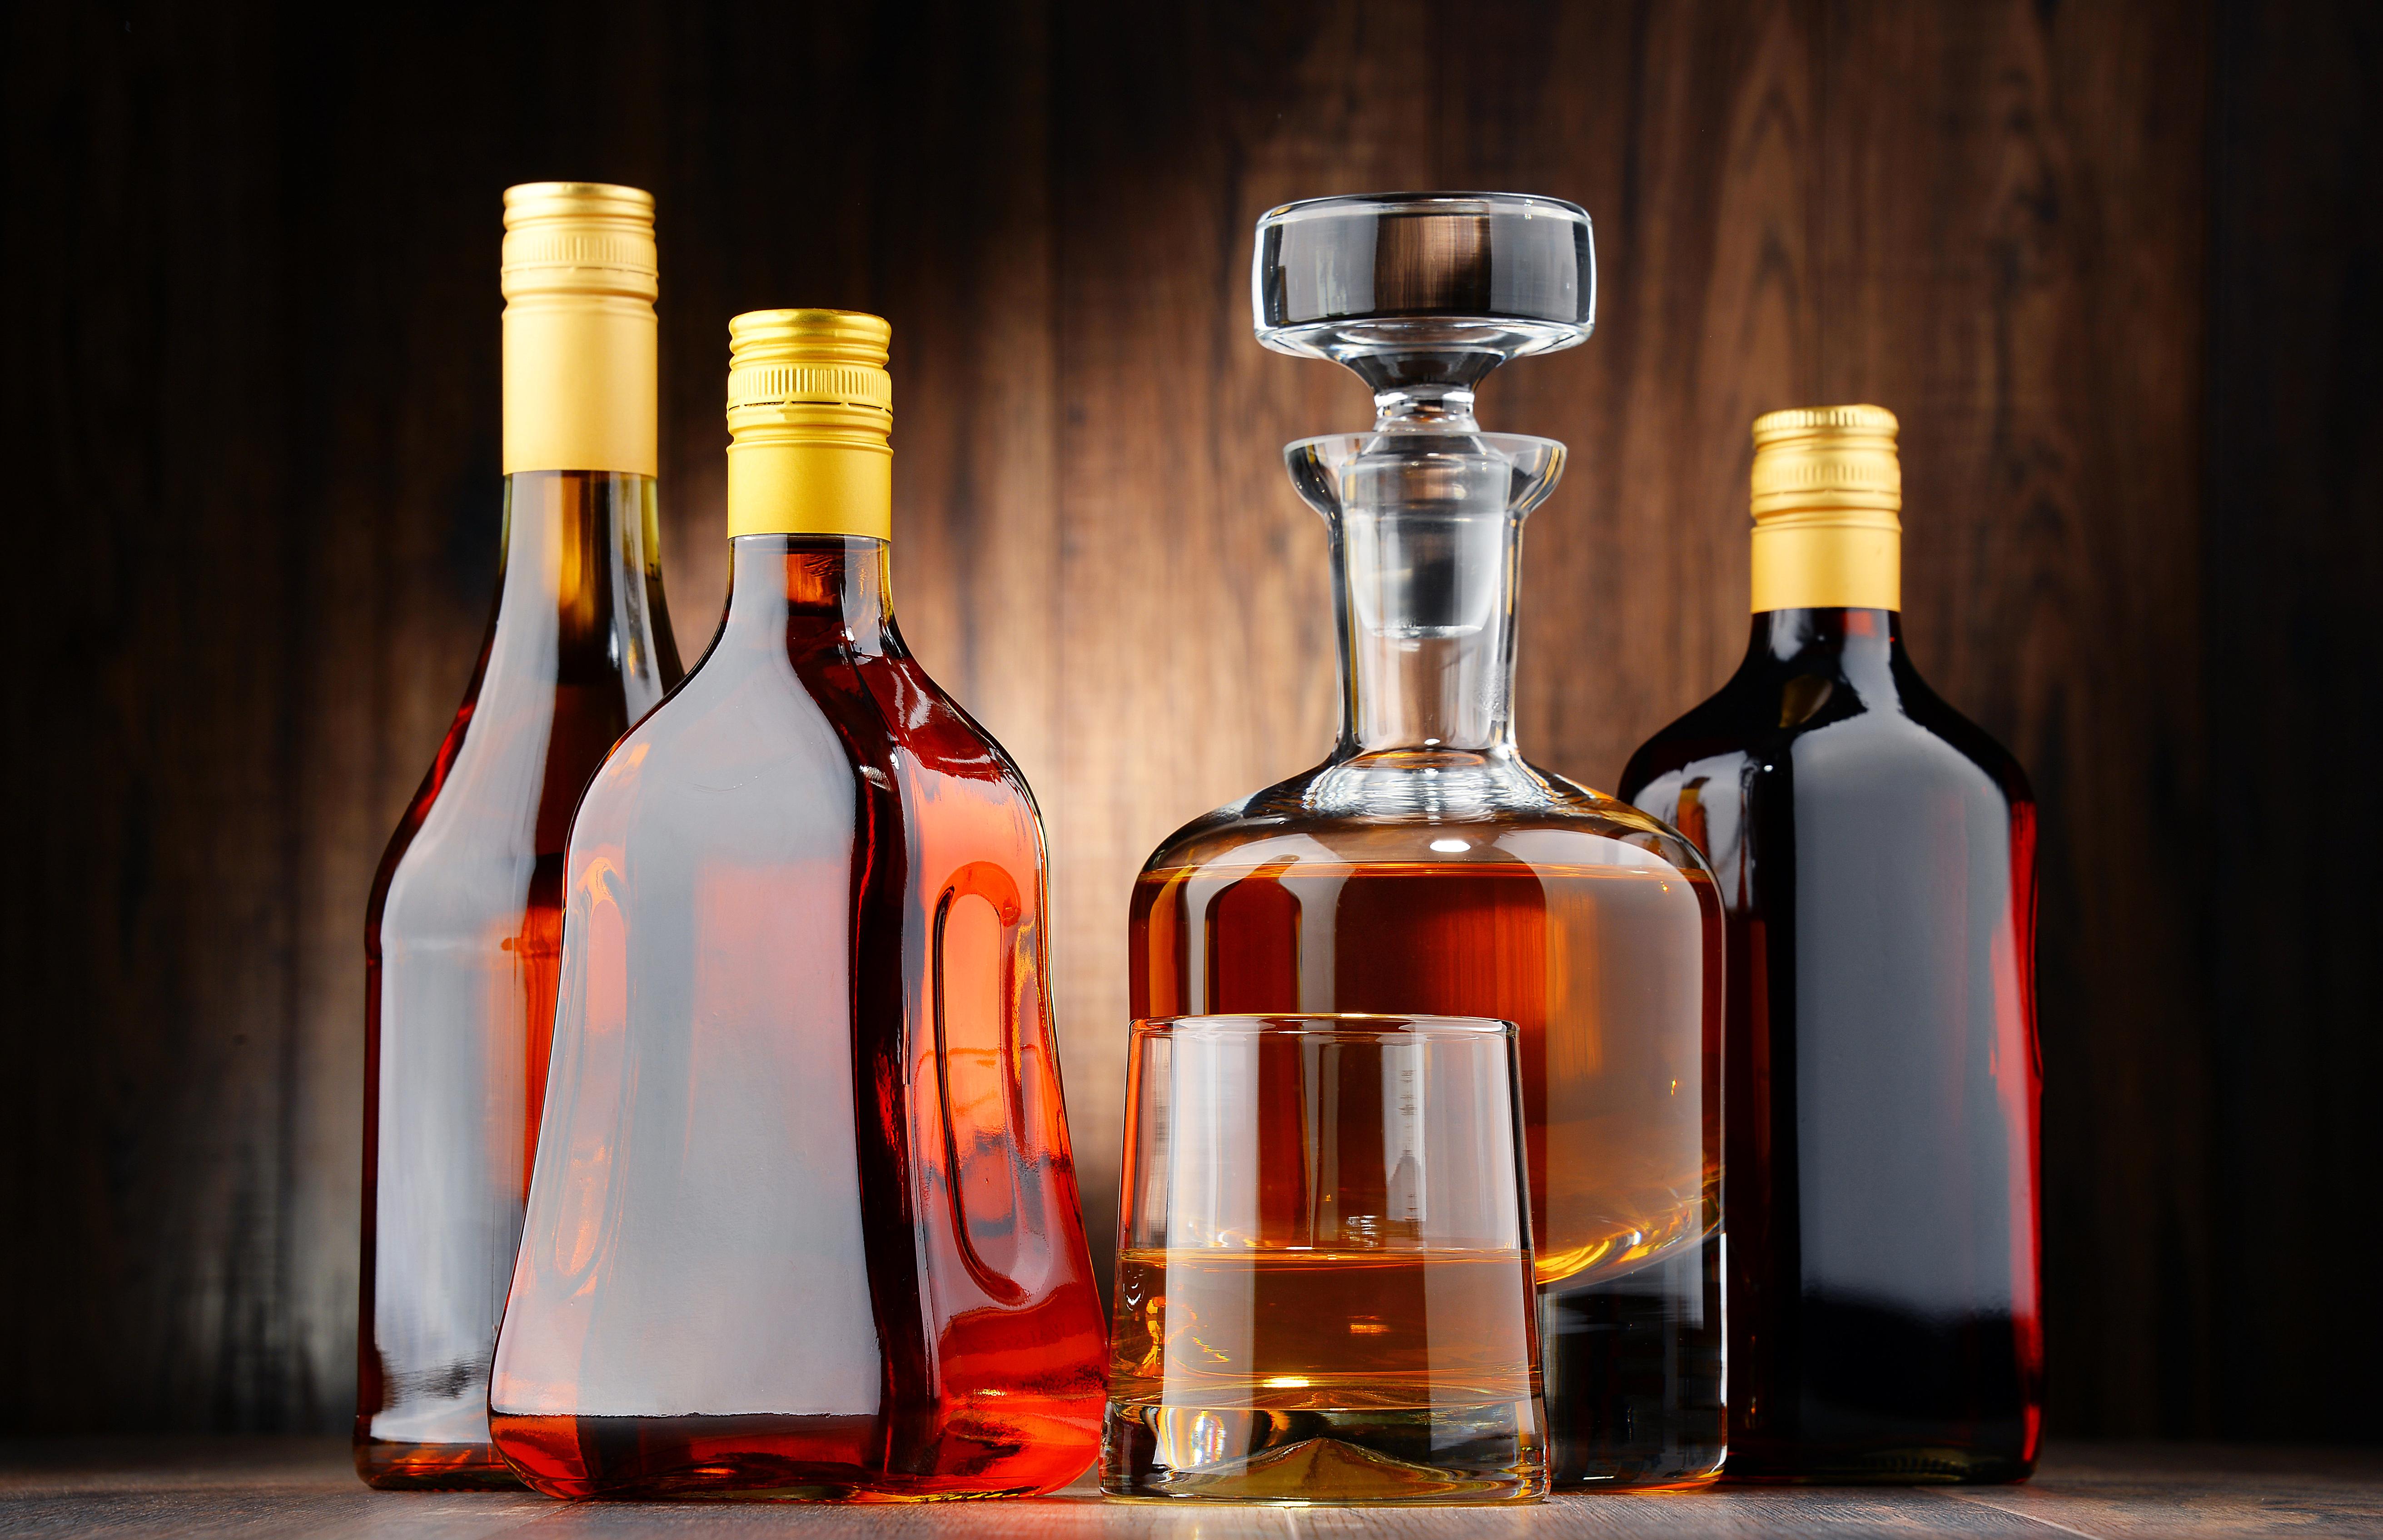 Bilder von Flasche Lebensmittel Getränke 5245x3390 flaschen das Essen